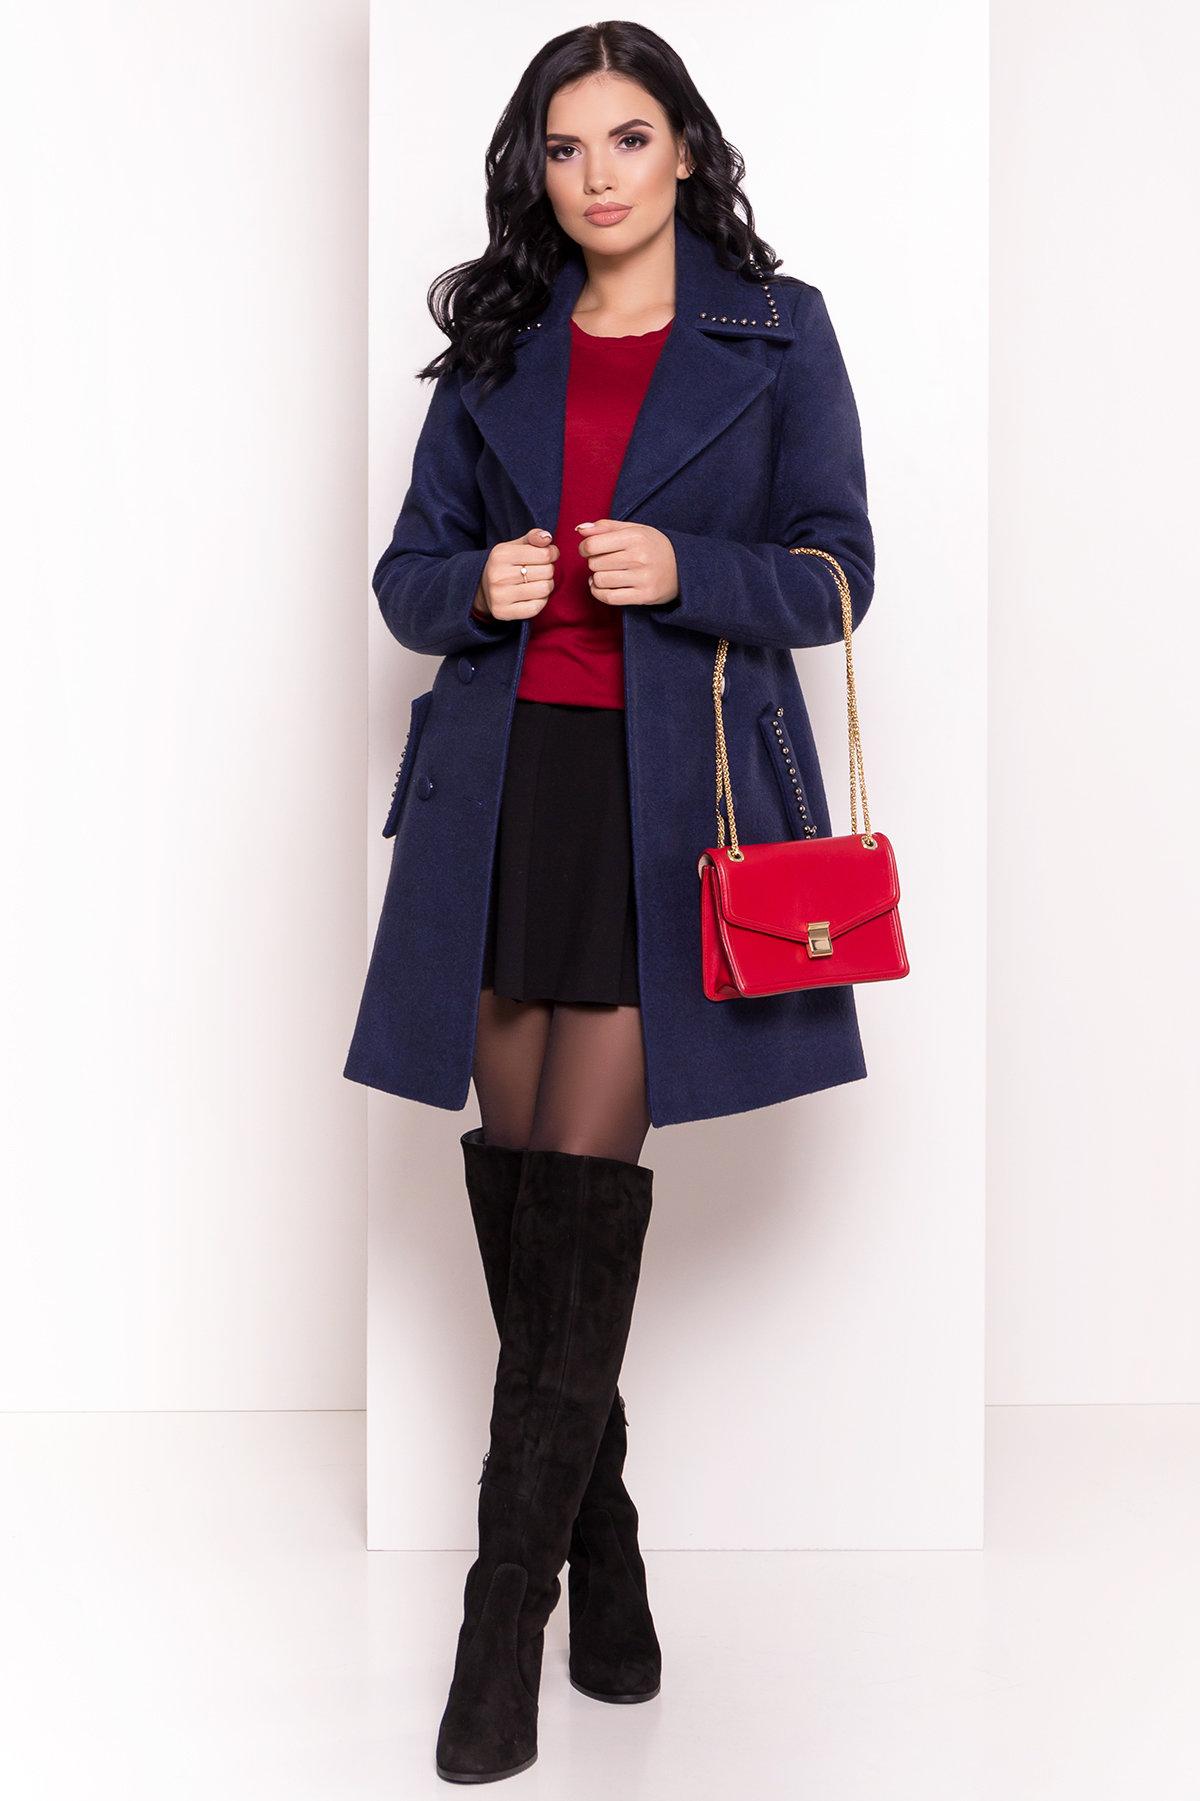 Пальто Кармен 5416 АРТ. 36777 Цвет: Темно-синий 17 - фото 3, интернет магазин tm-modus.ru